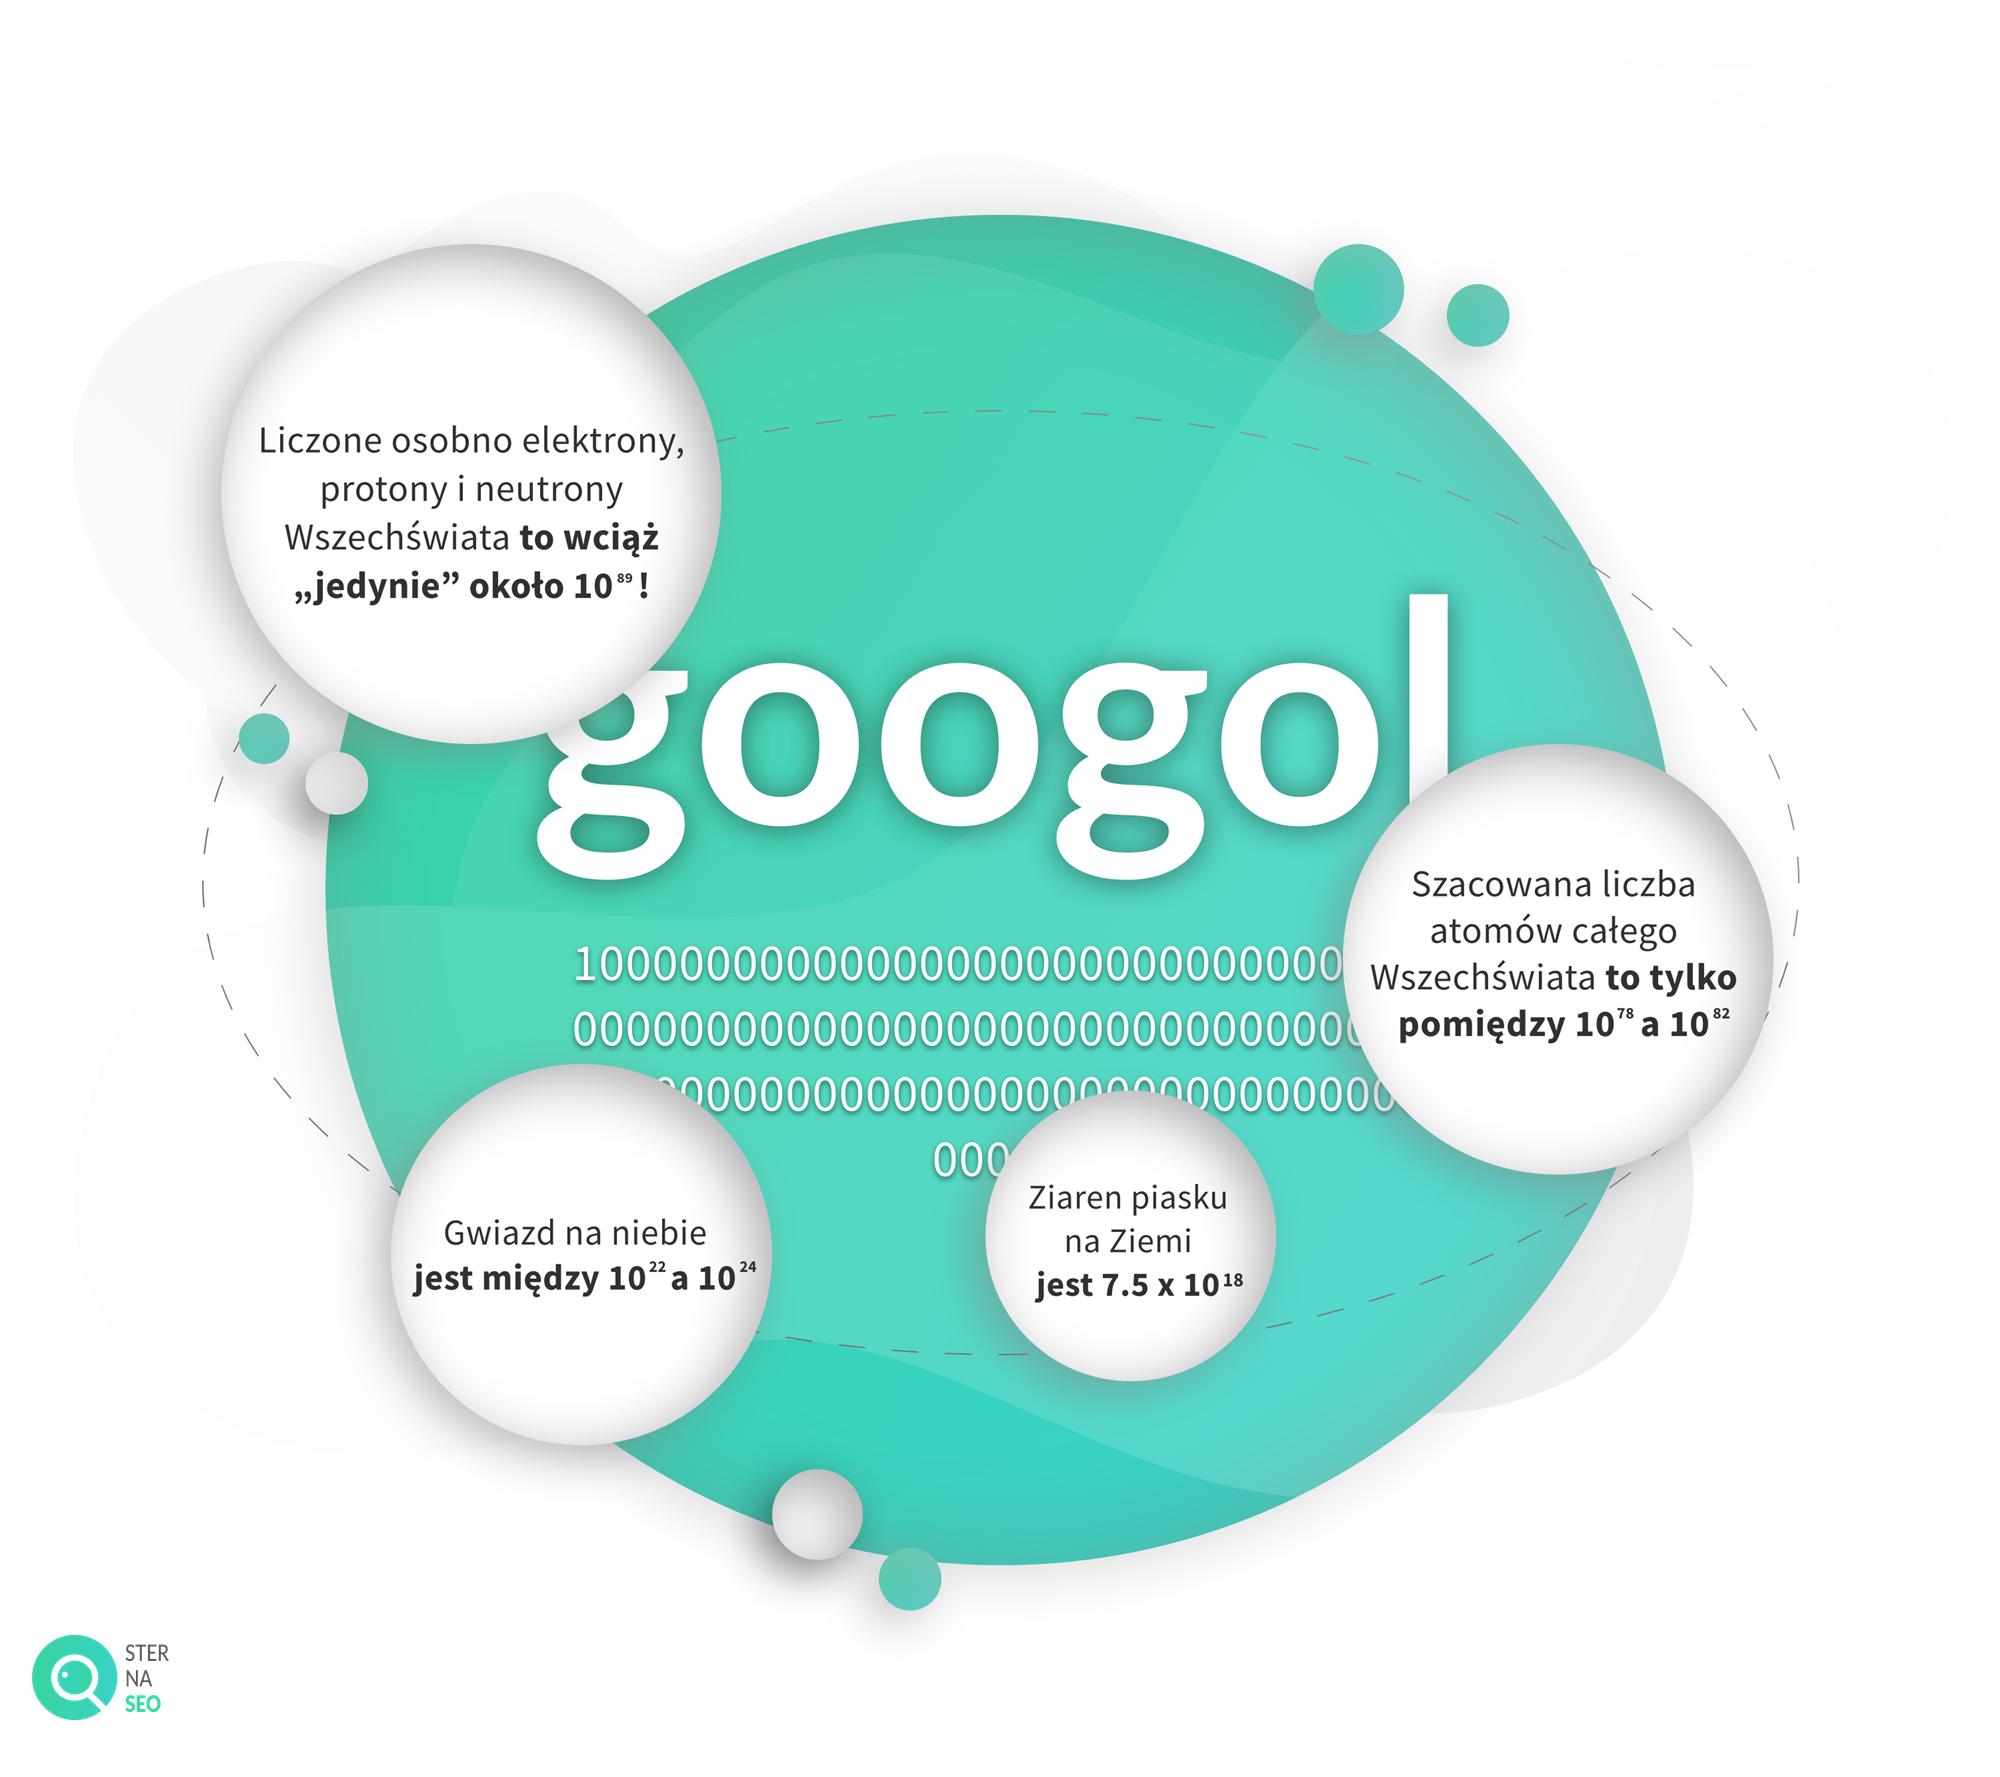 Jak duży jest googol